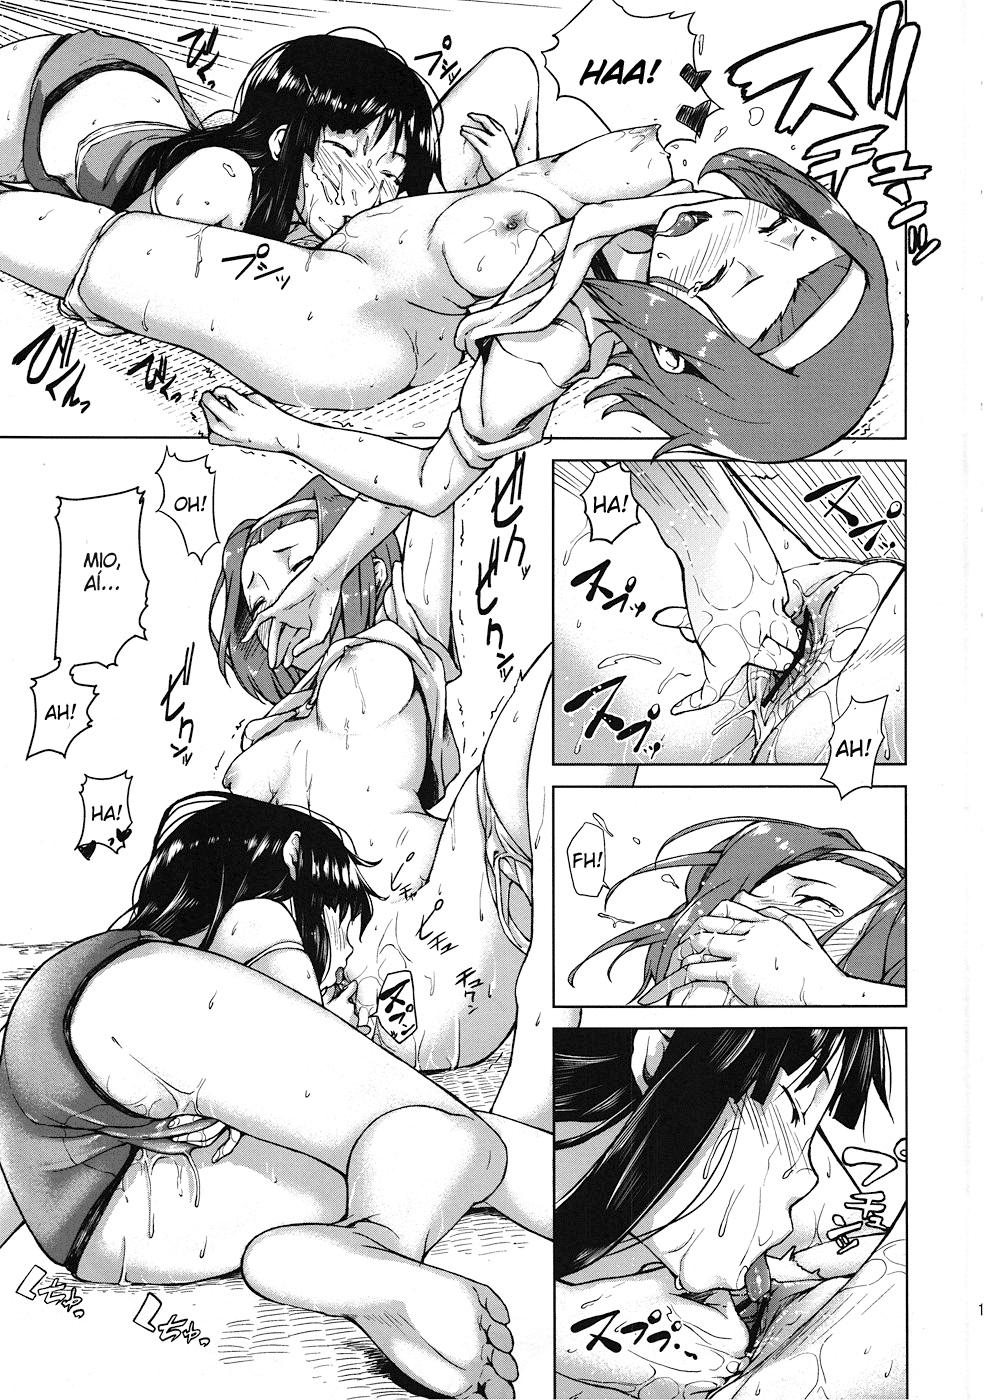 Doce-garota-que-se-masturba-17